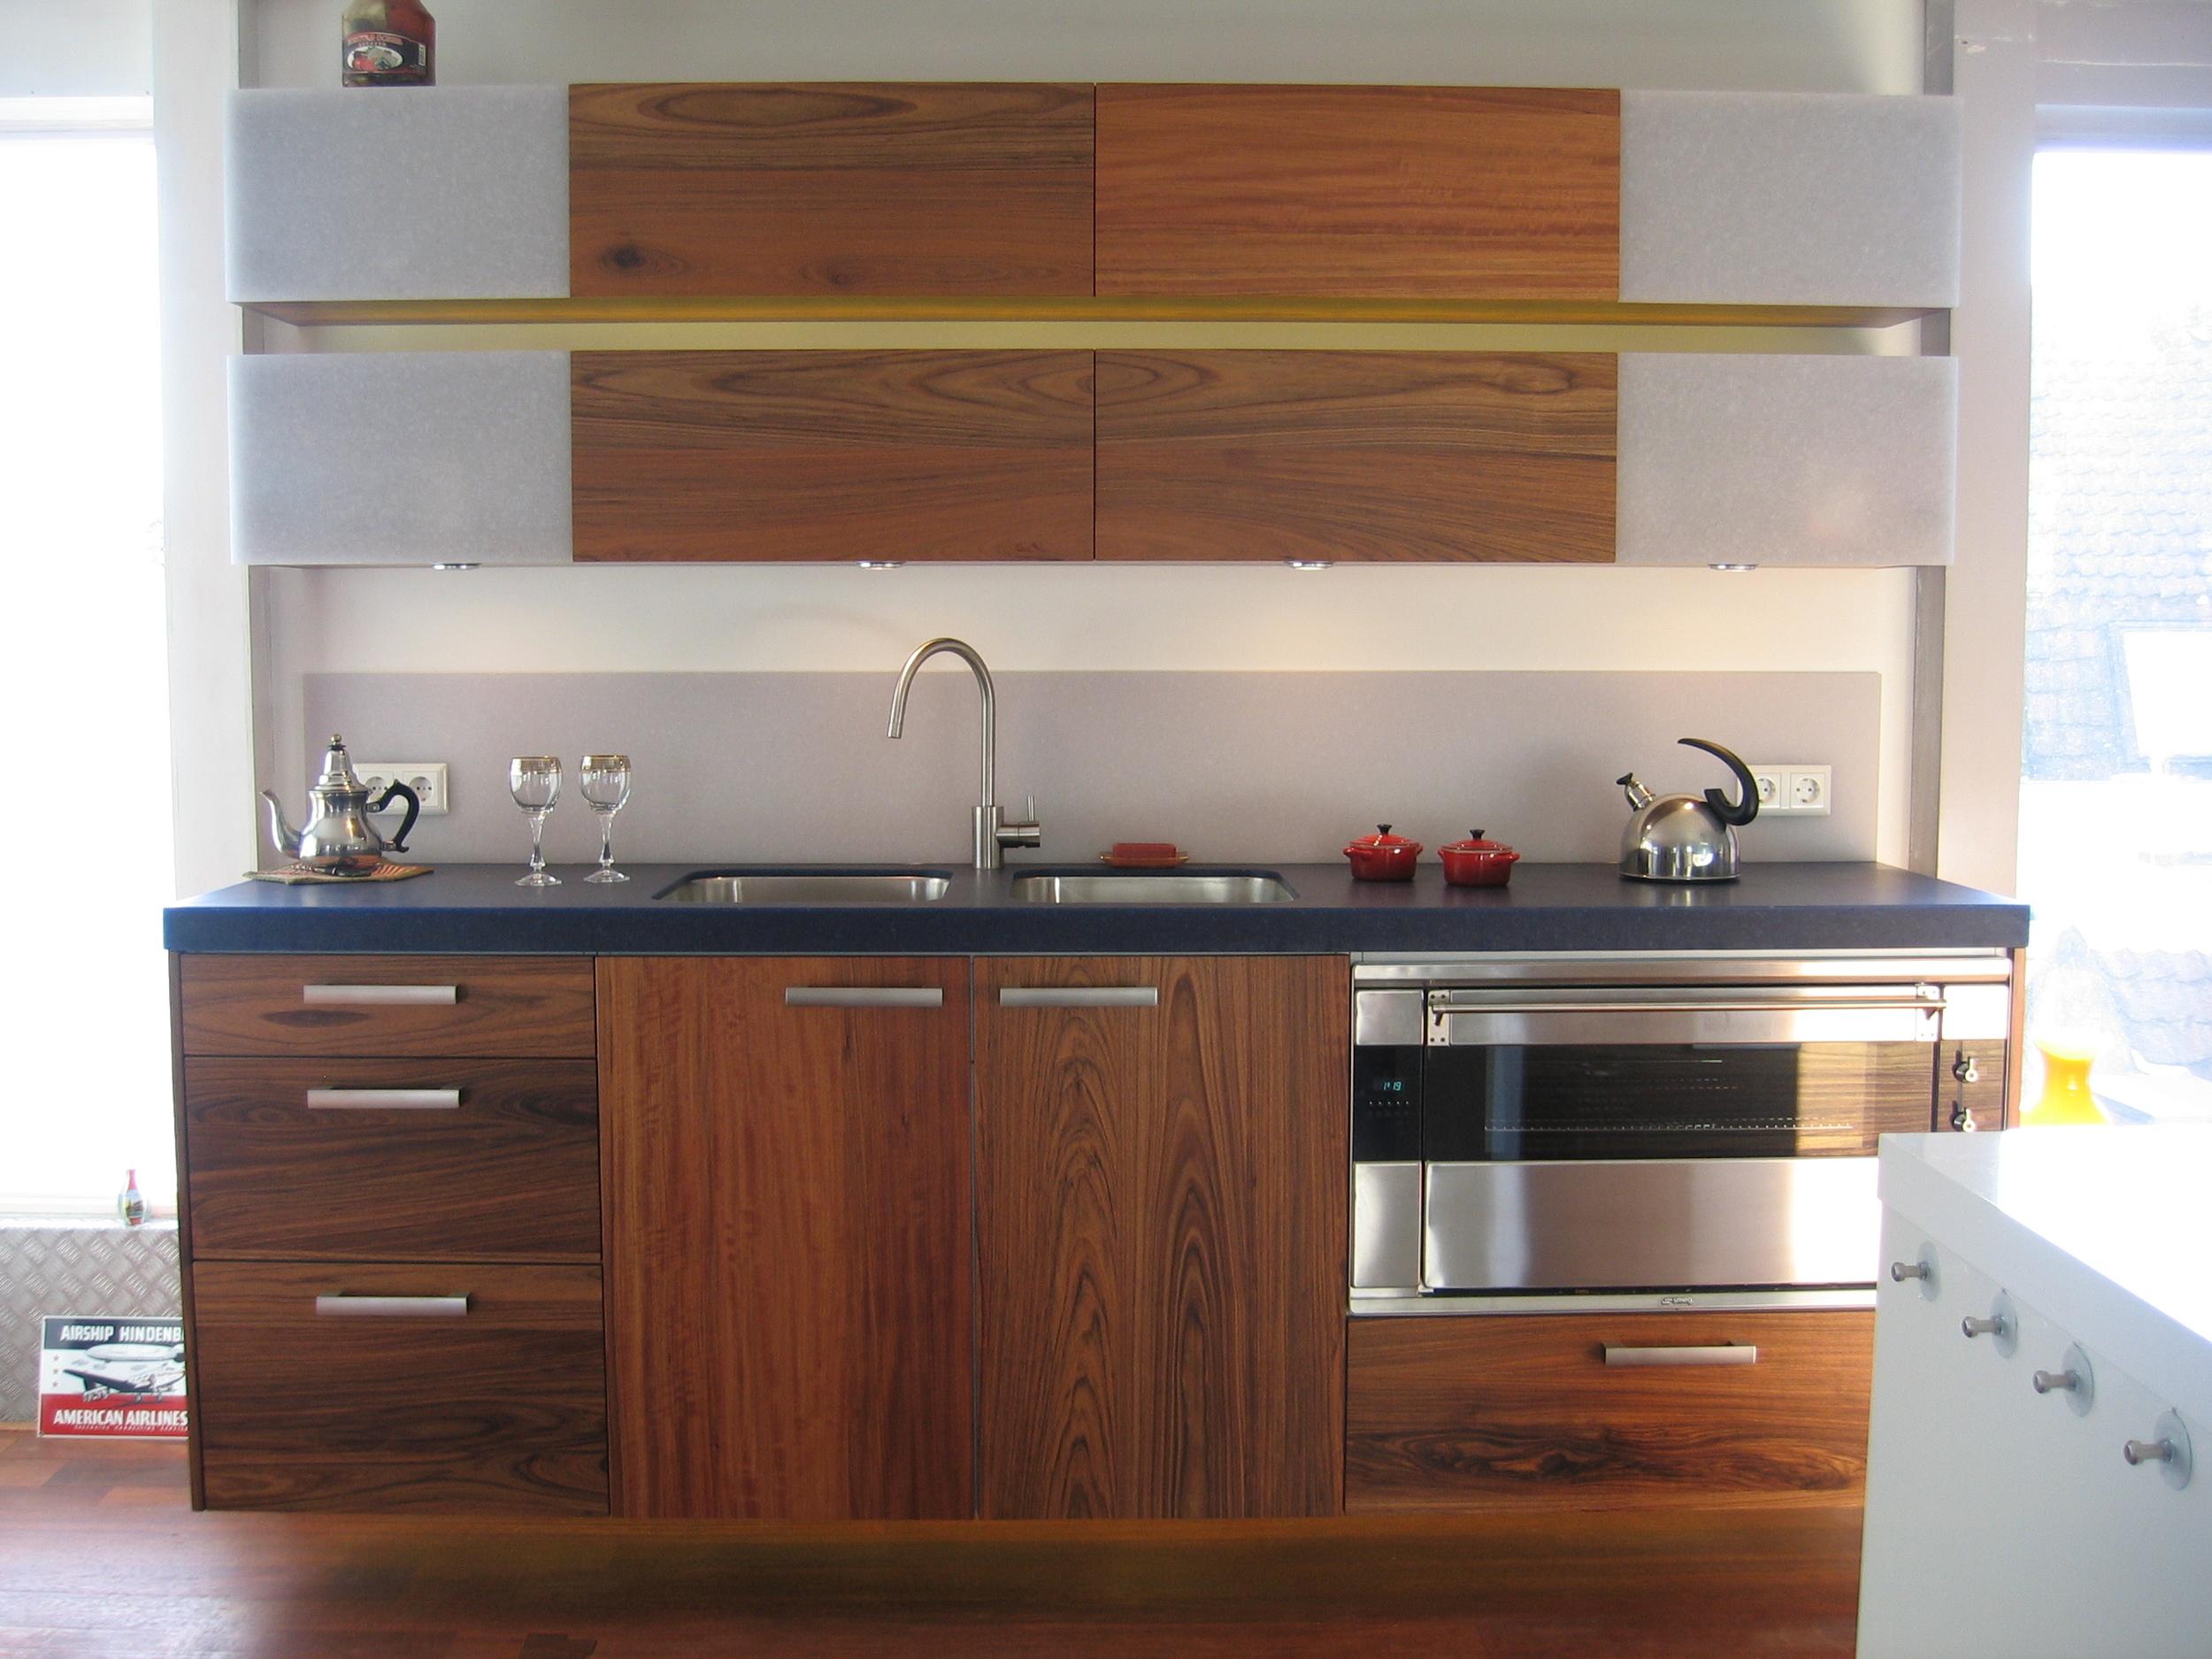 spoelgedeelte van massief mutenye-hout met geïntegreerde oven en werkbladvanavonite